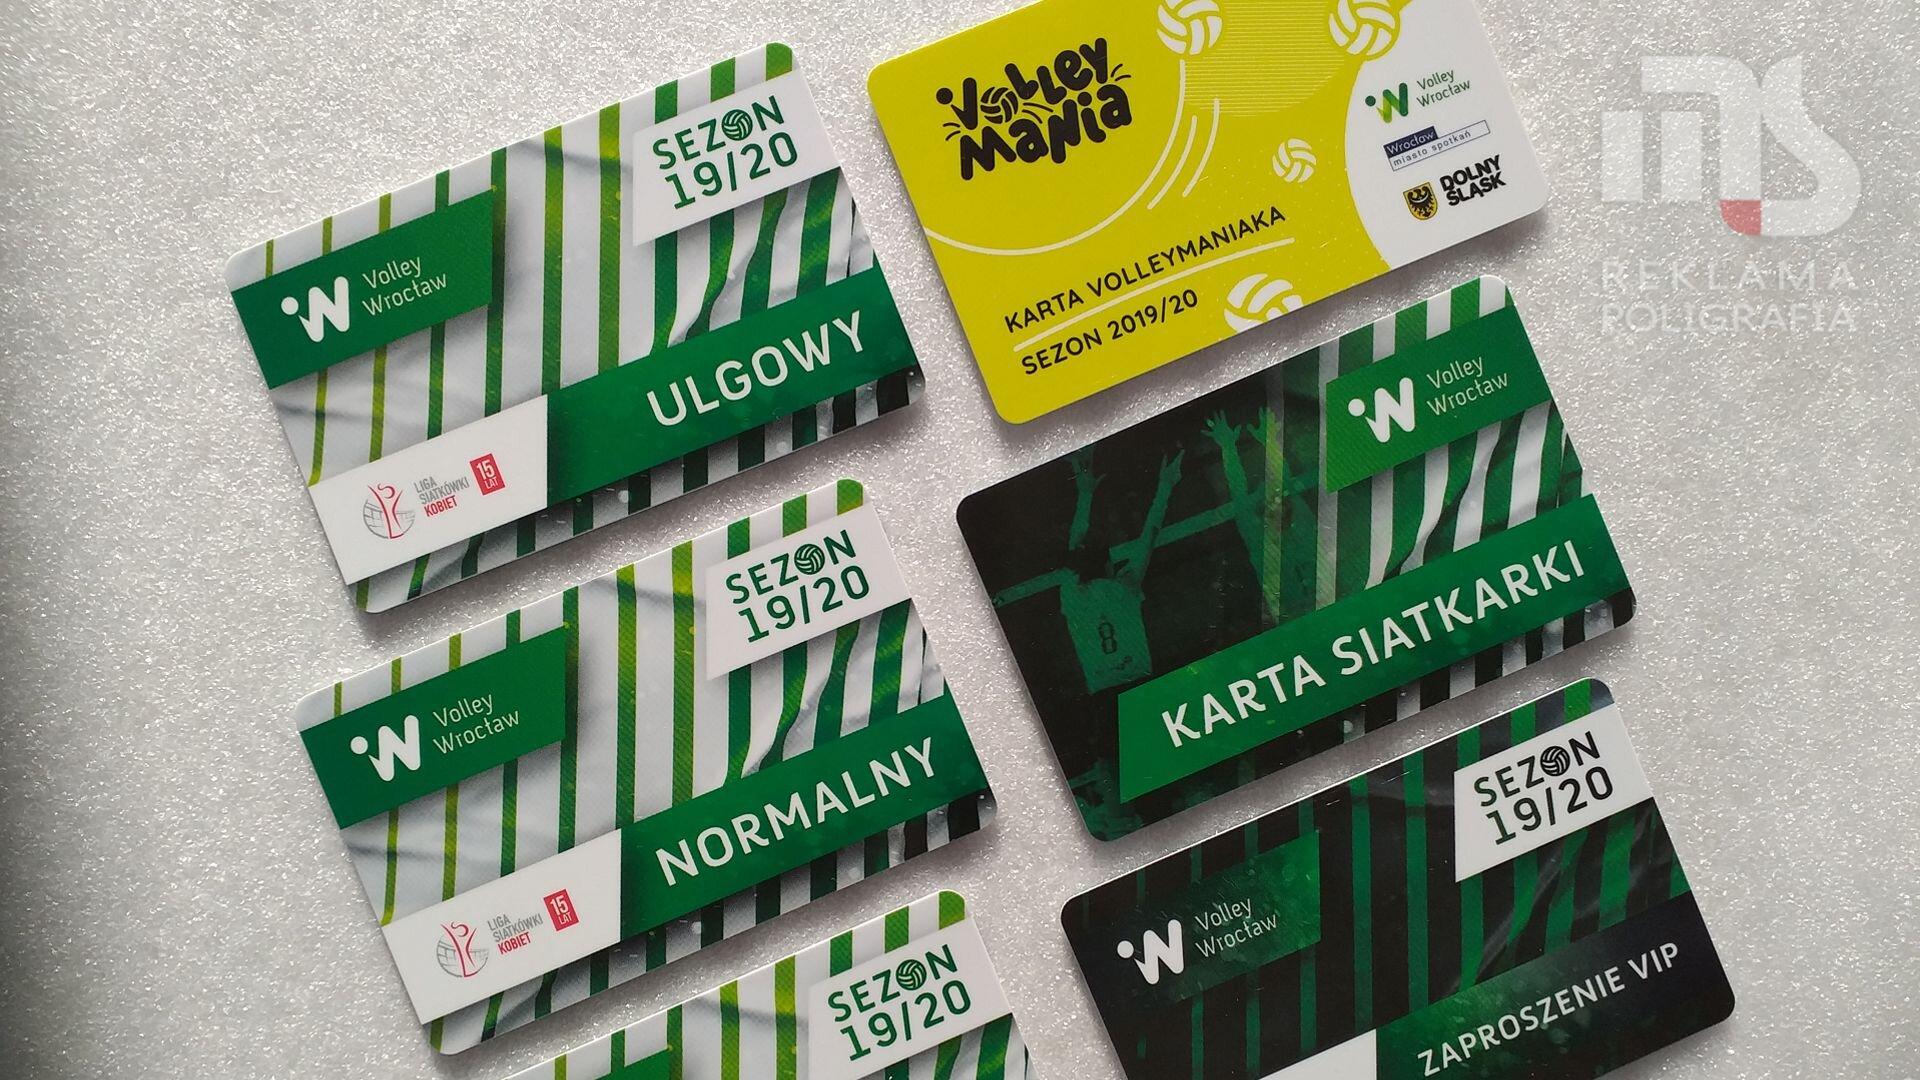 2021 7 druki -1920x1080 px-karty plastikowe